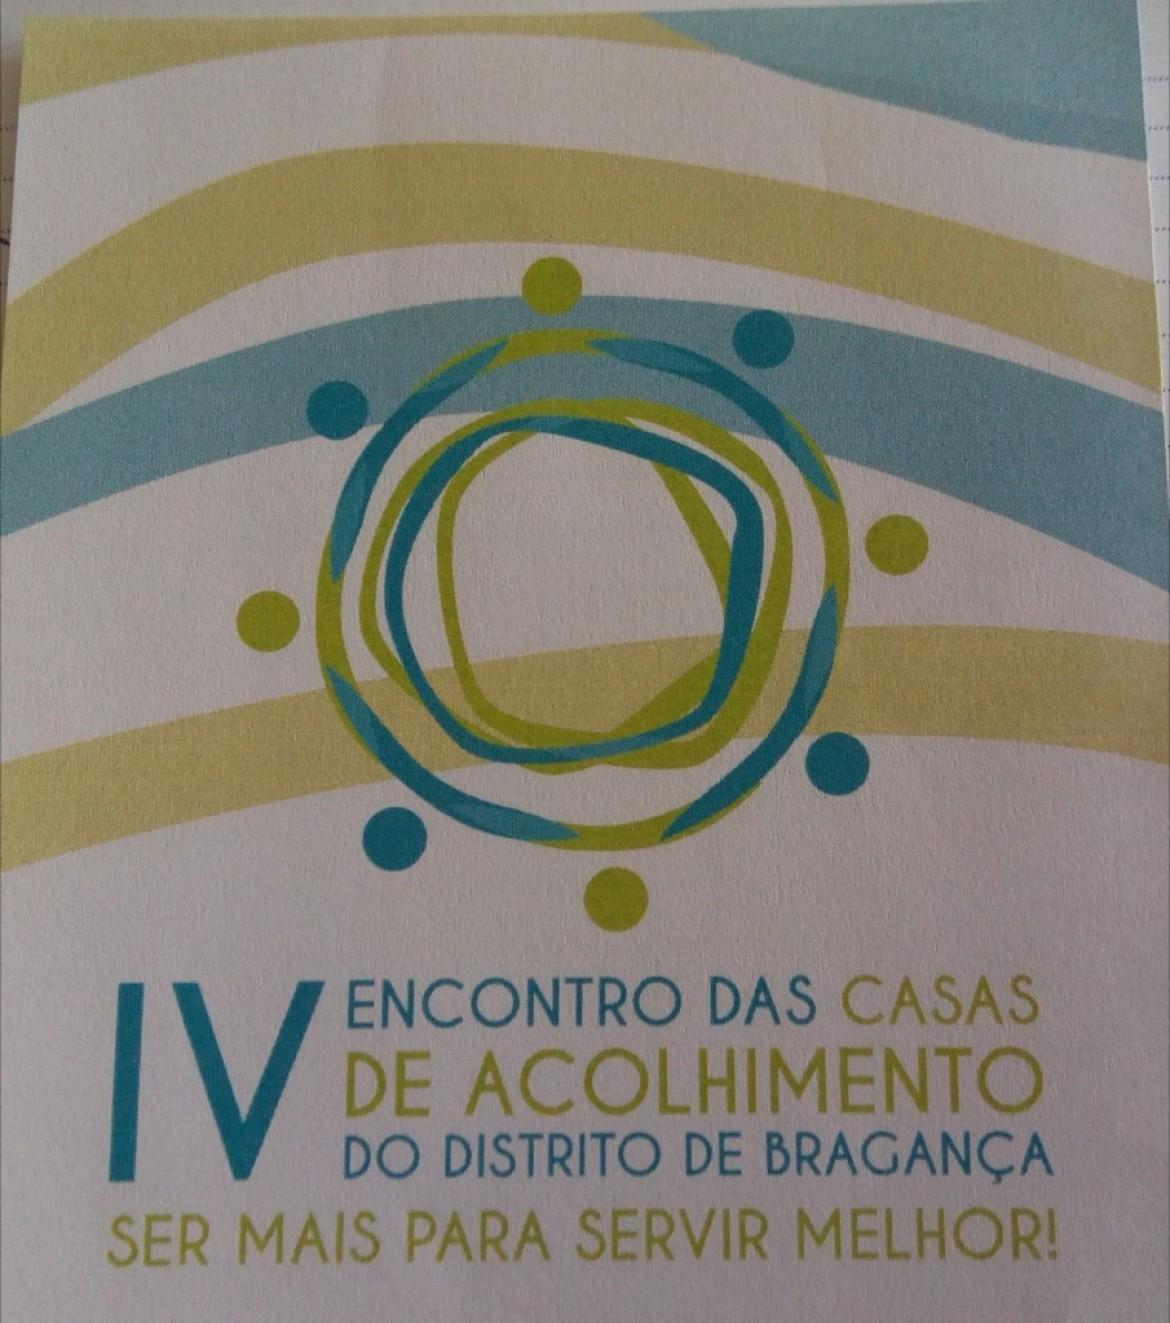 IV Encontro das Casas de Acolhimento do Distrito de Bragança